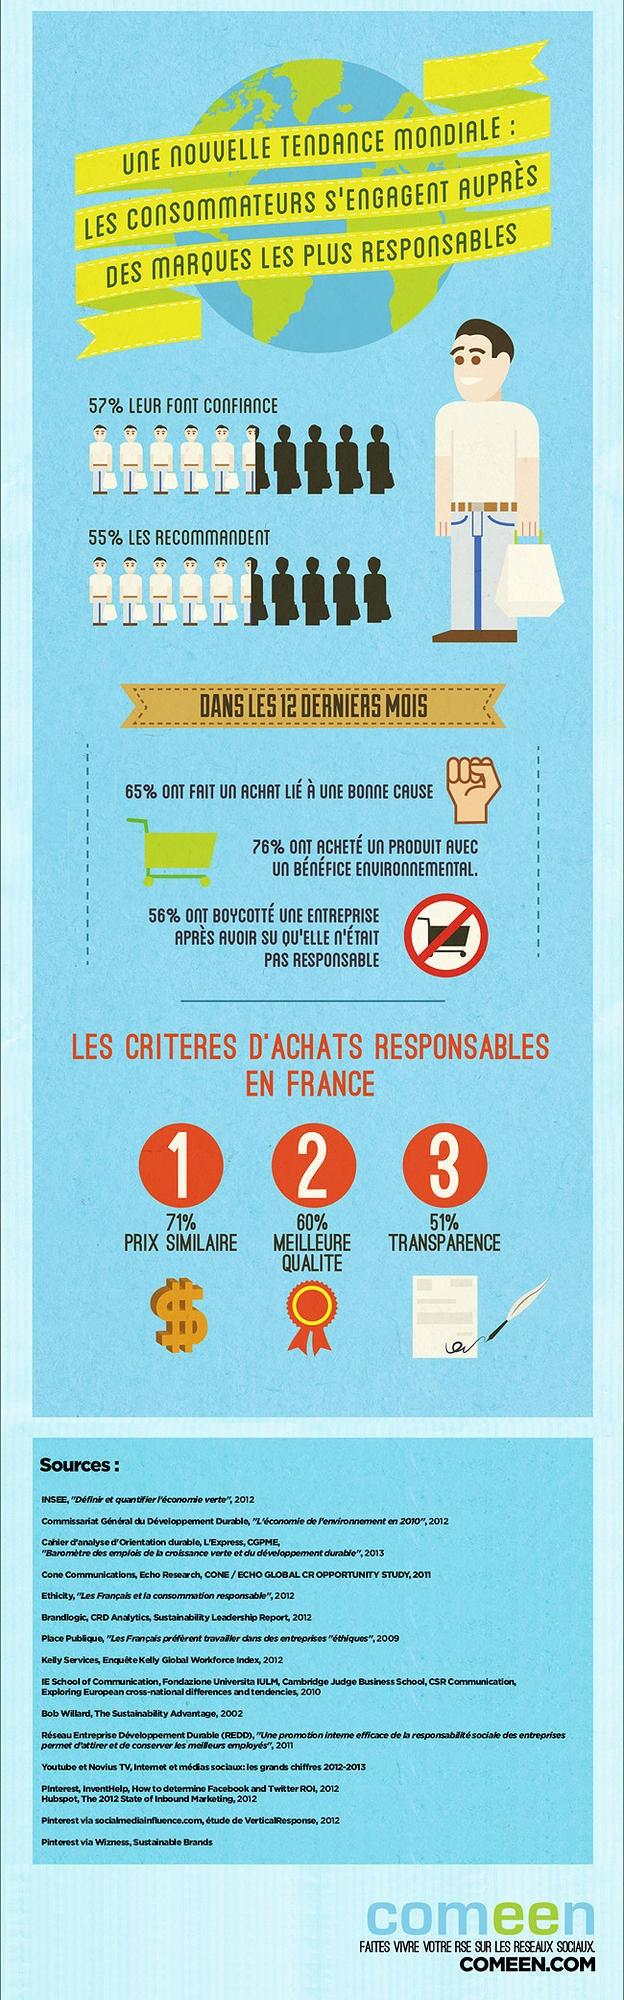 Infographie #RSE : un nouvelle tendance de consommation se dégage - consom'action - Développement Durable - responsable - réseaux sociaux - social media